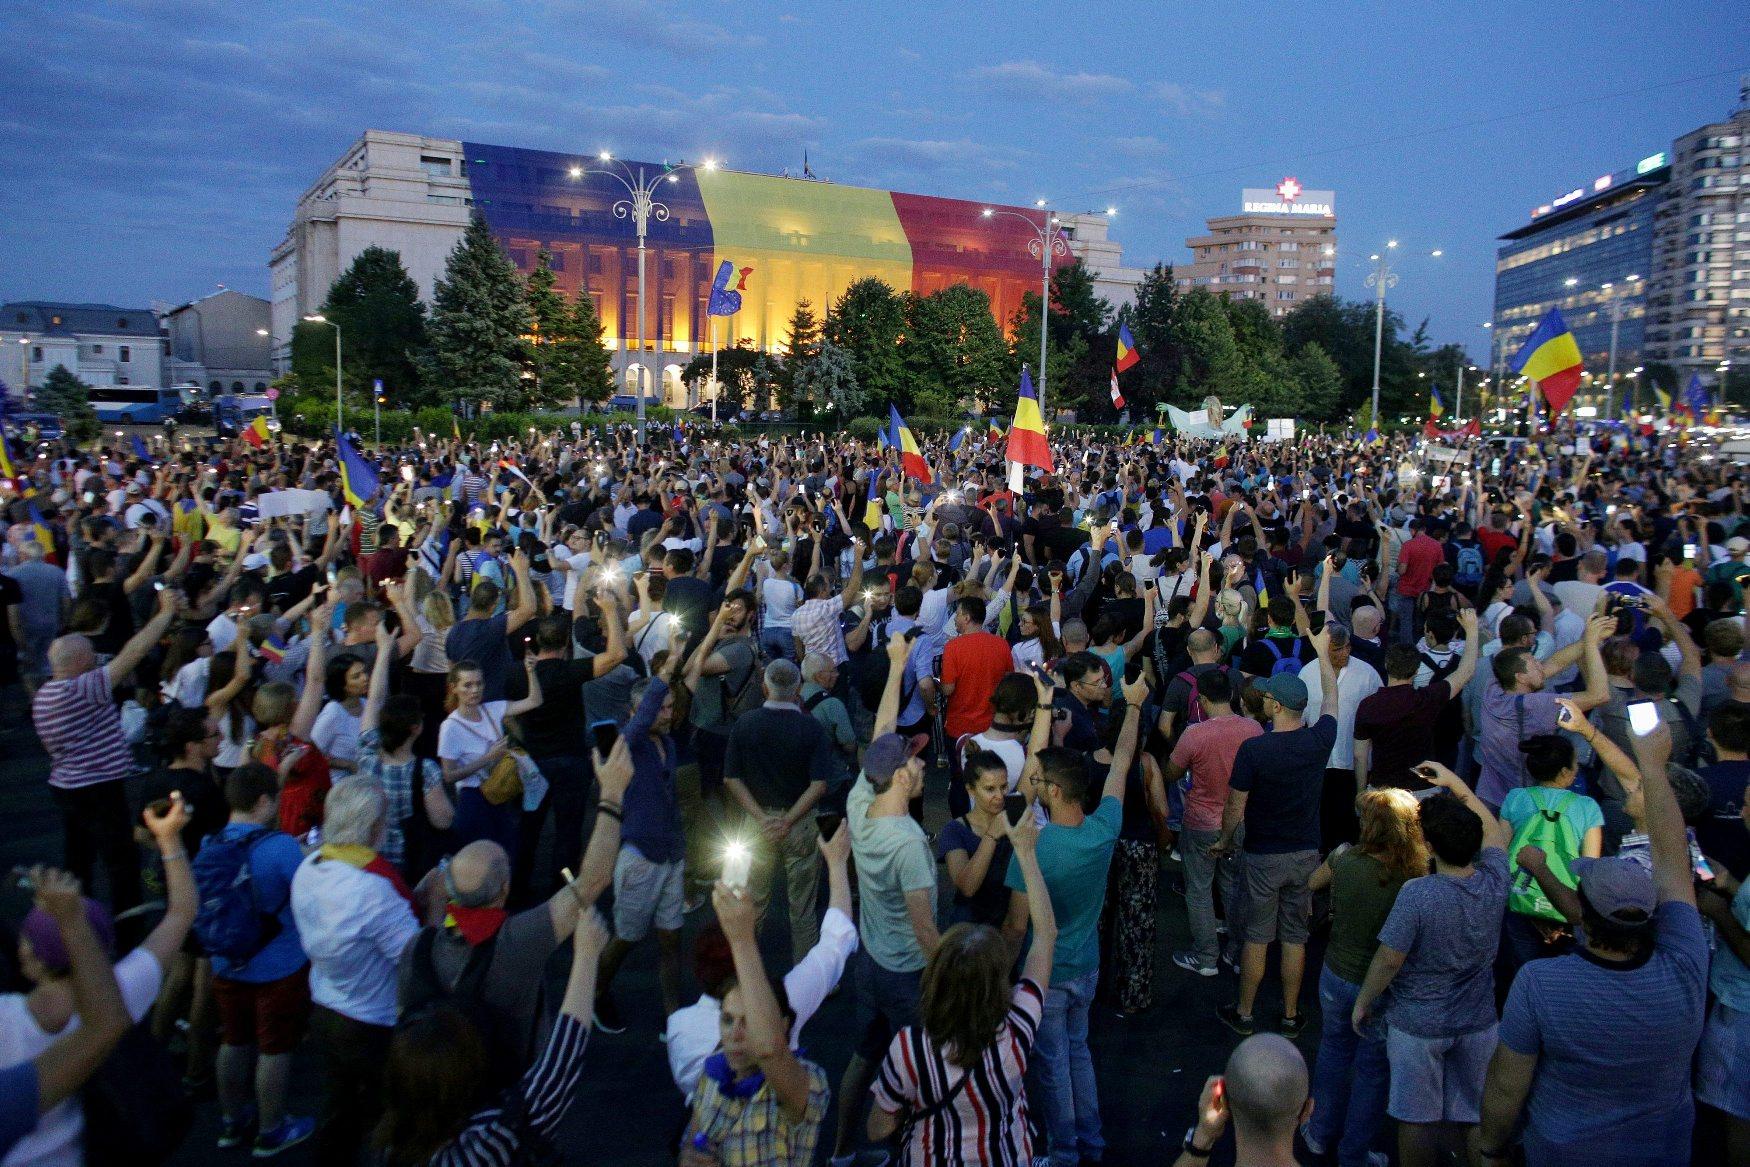 2018-08-11T193938Z_280842768_RC1E64090050_RTRMADP_3_ROMANIA-PROTESTS